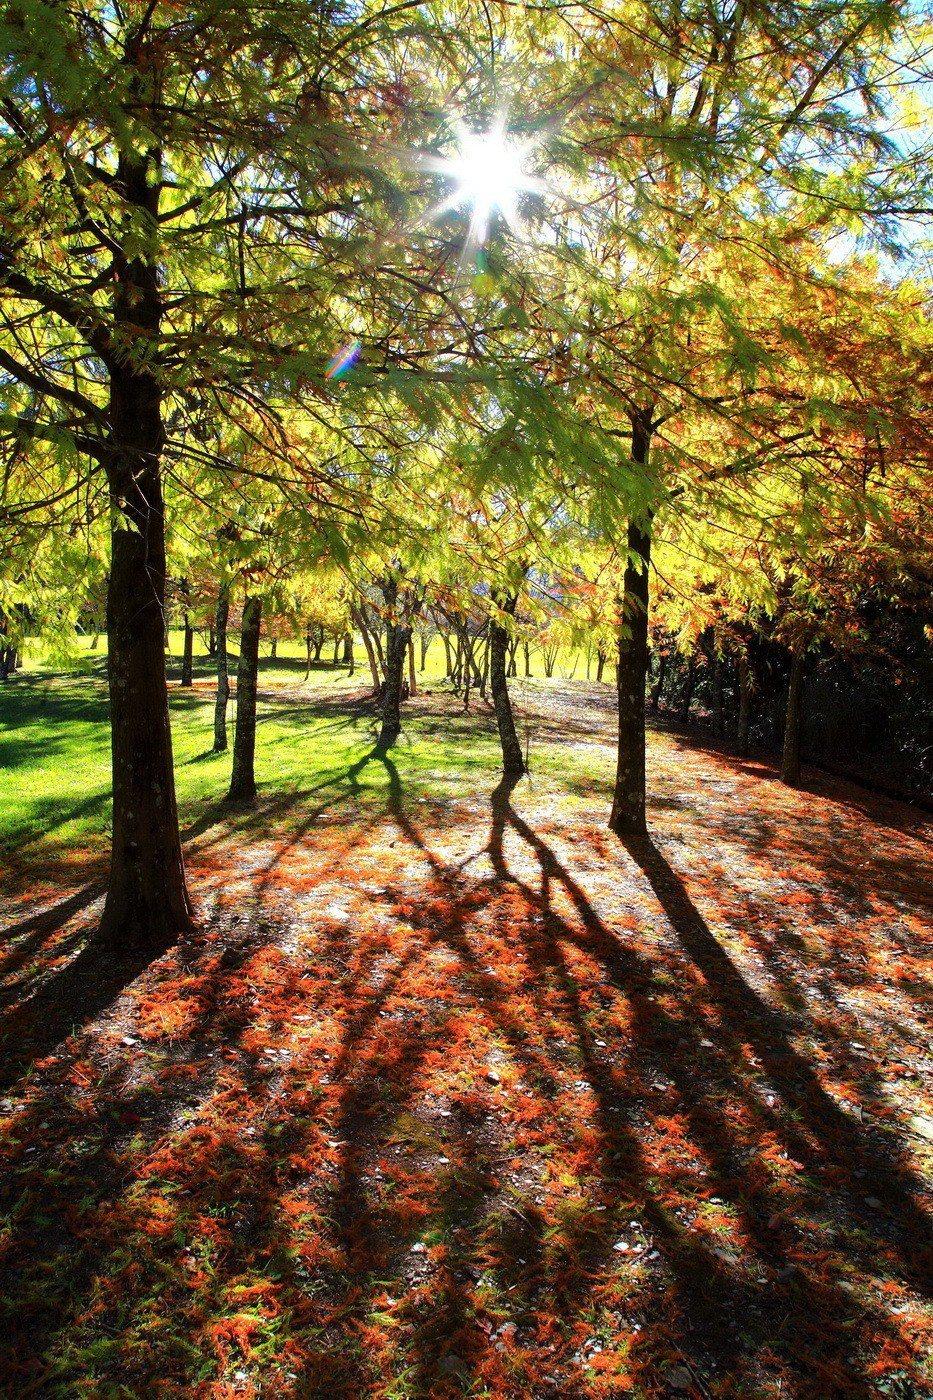 奧萬大國家森林遊樂區內楓葉陸續變色轉紅,還有豐富鳥類可賞。 南投林管處/提供